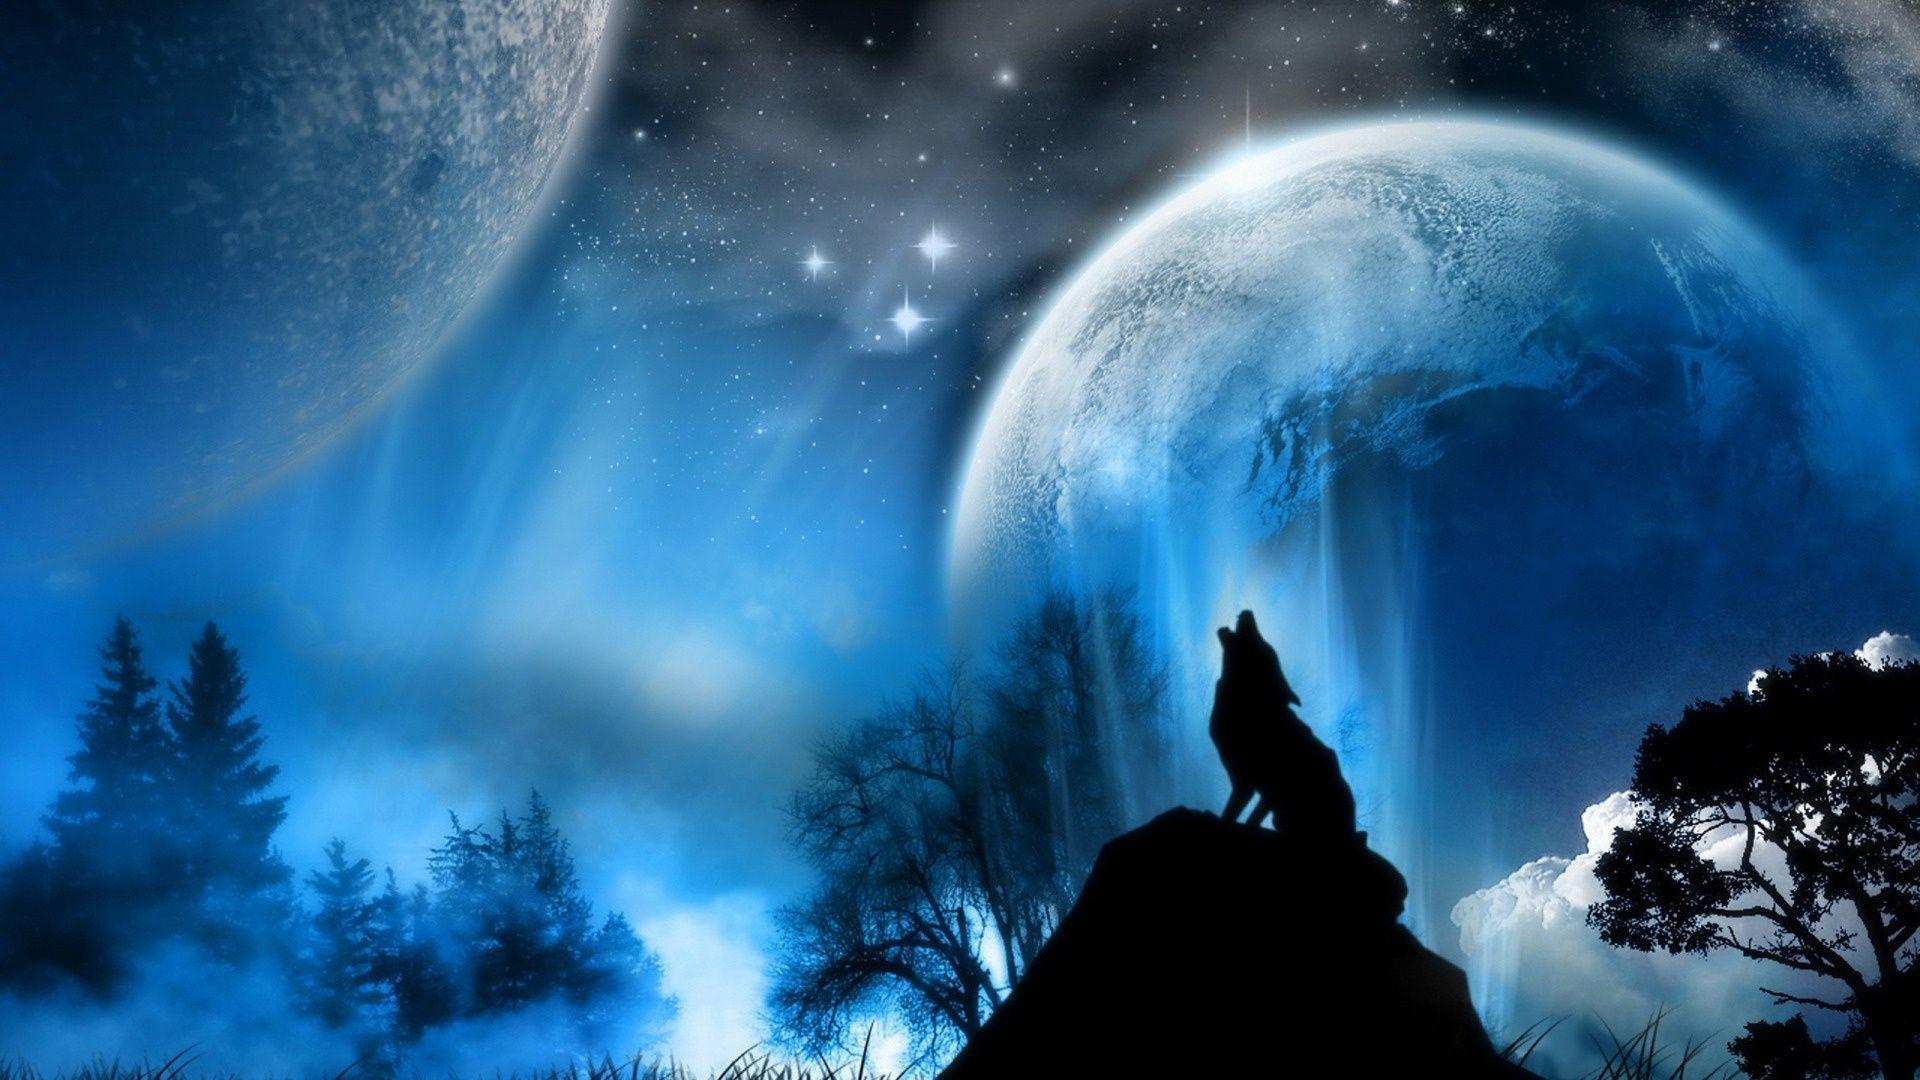 D wolf wallpaper download d wolf wallpaper android free hd d wolf wallpaper download d wolf wallpaper android free voltagebd Gallery